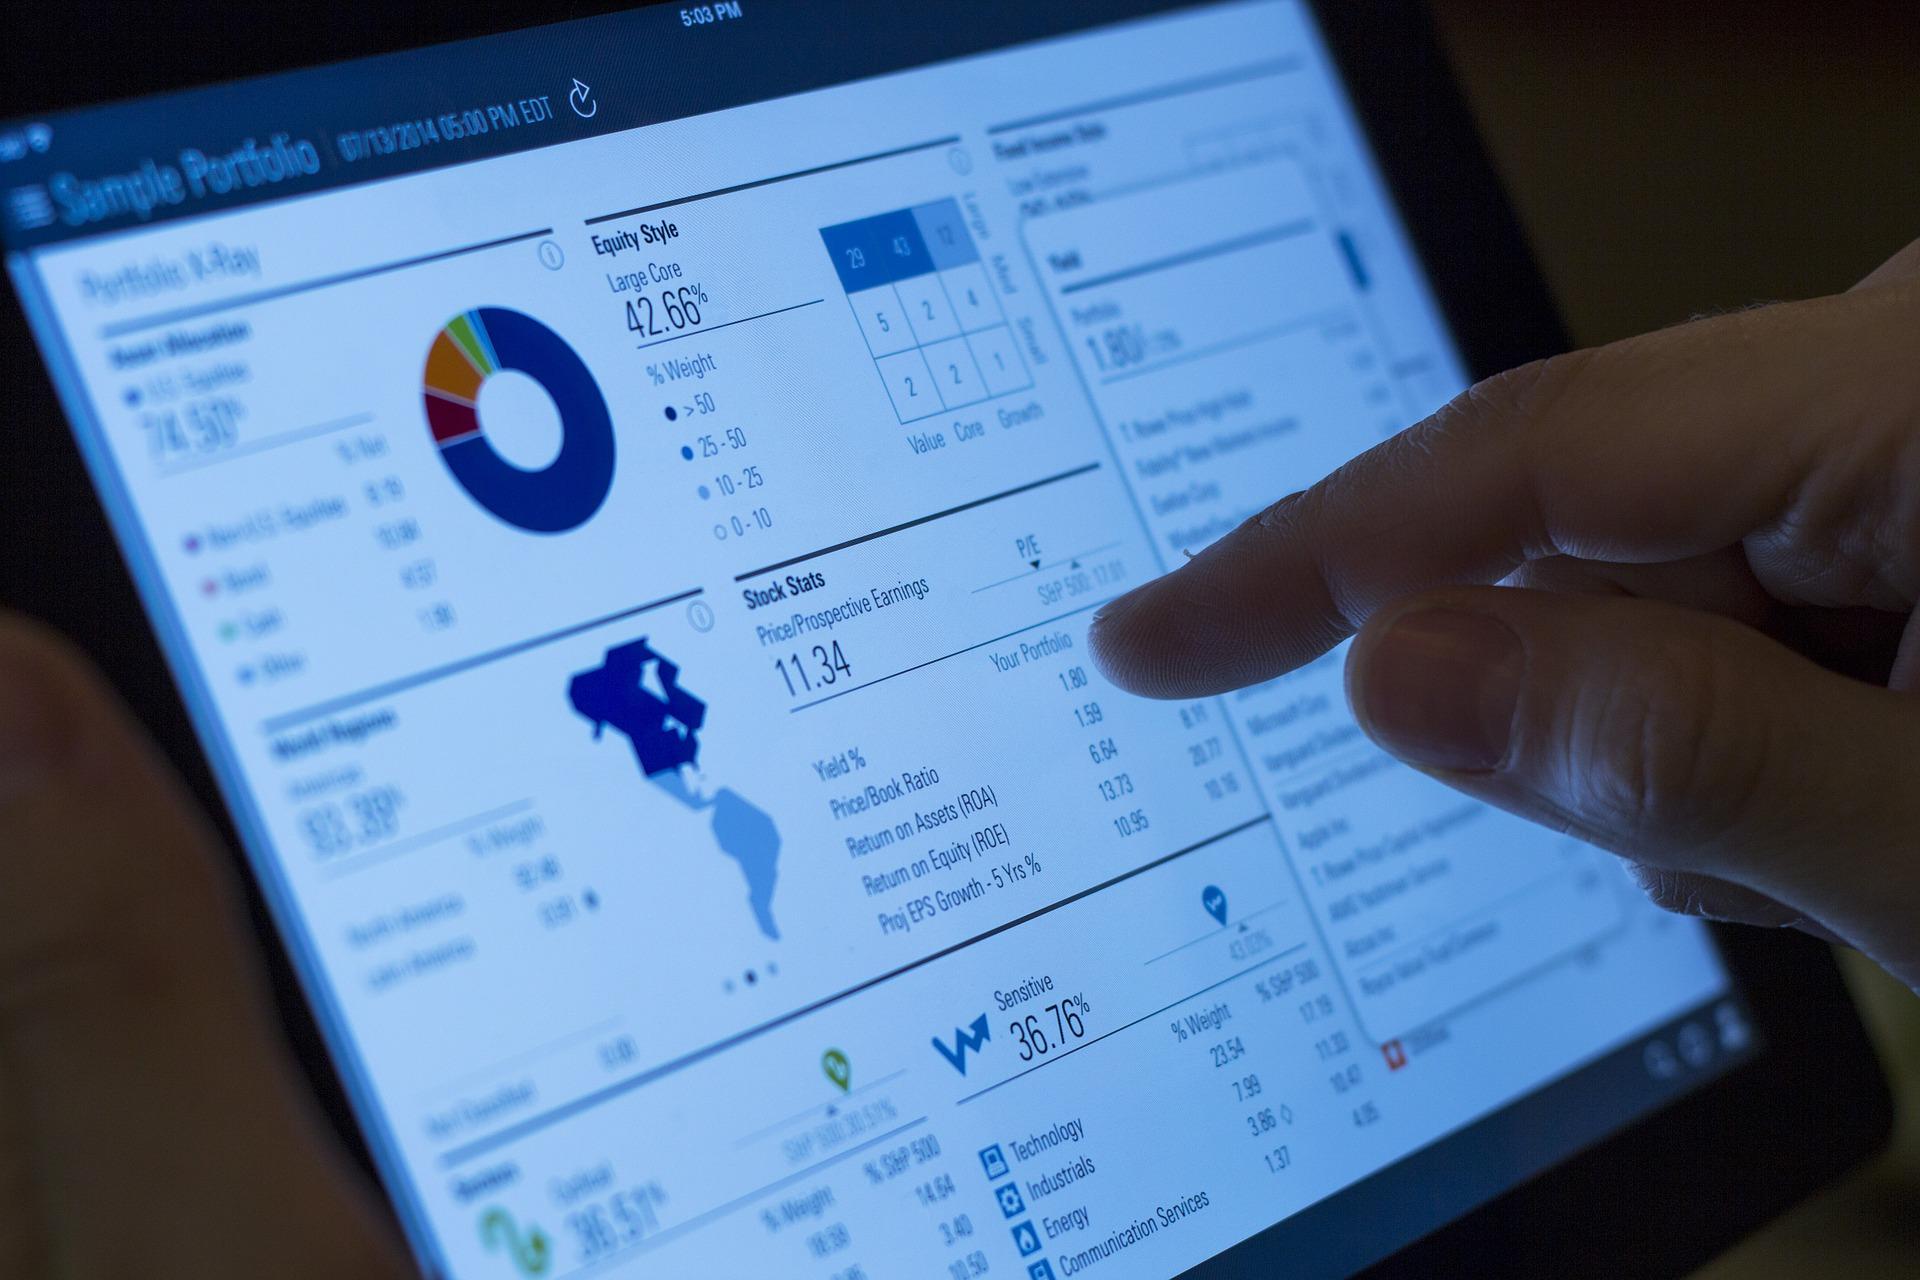 trader management software